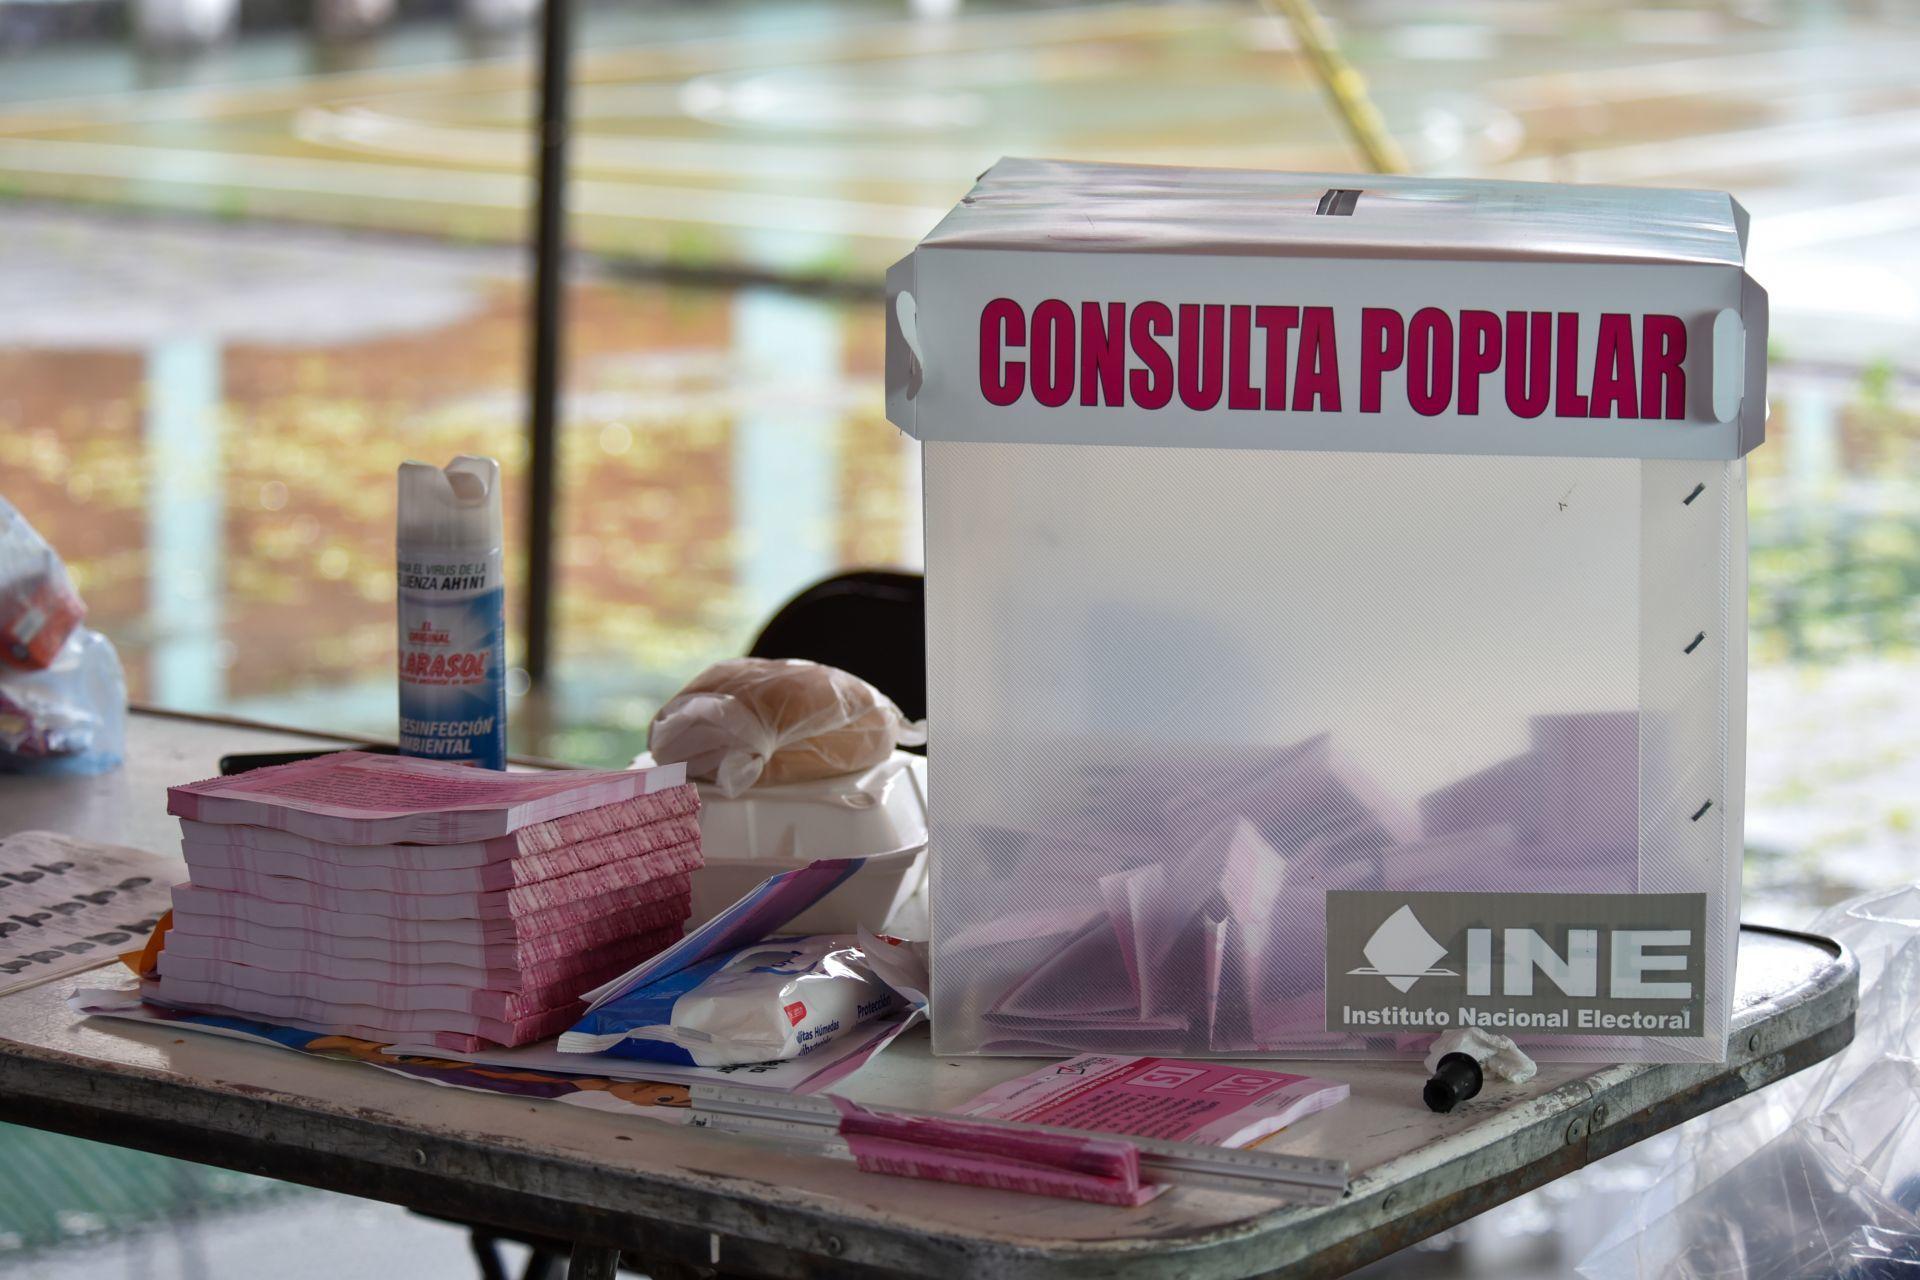 Consulta Popular: El SÍ aventaja por mucho tras conteo rápido del INE